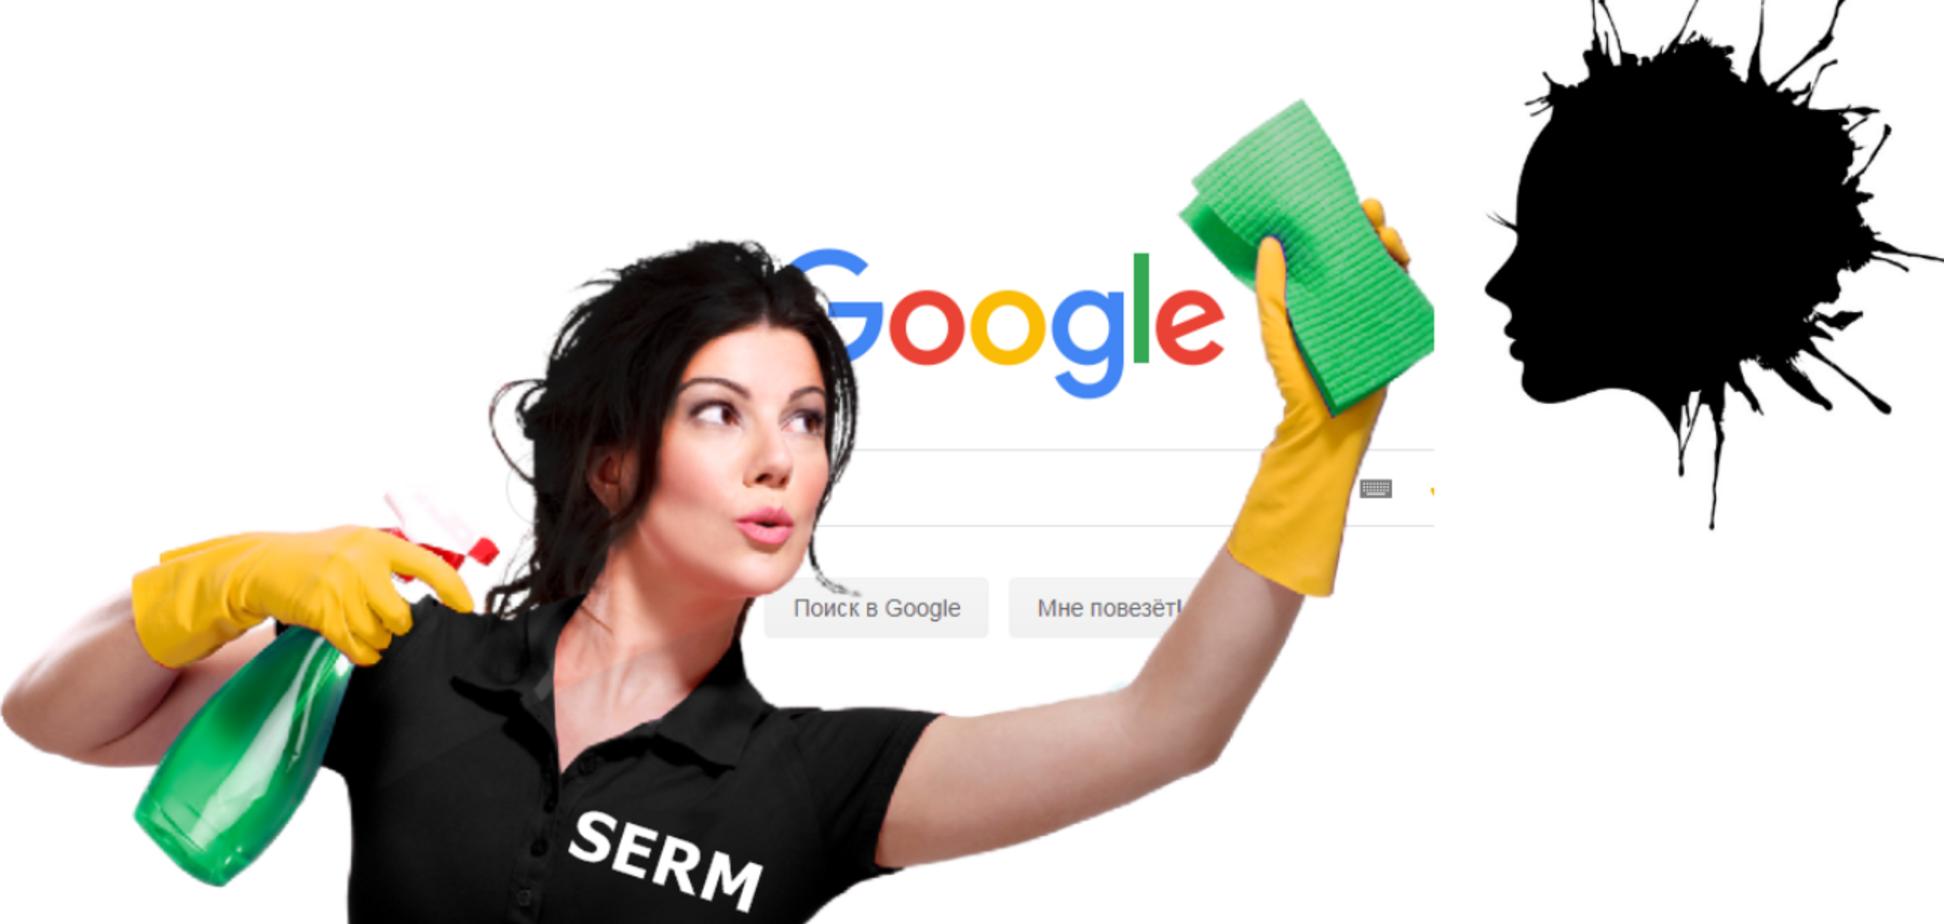 Как управлять репутацией в Google: 10 фактов про SERM